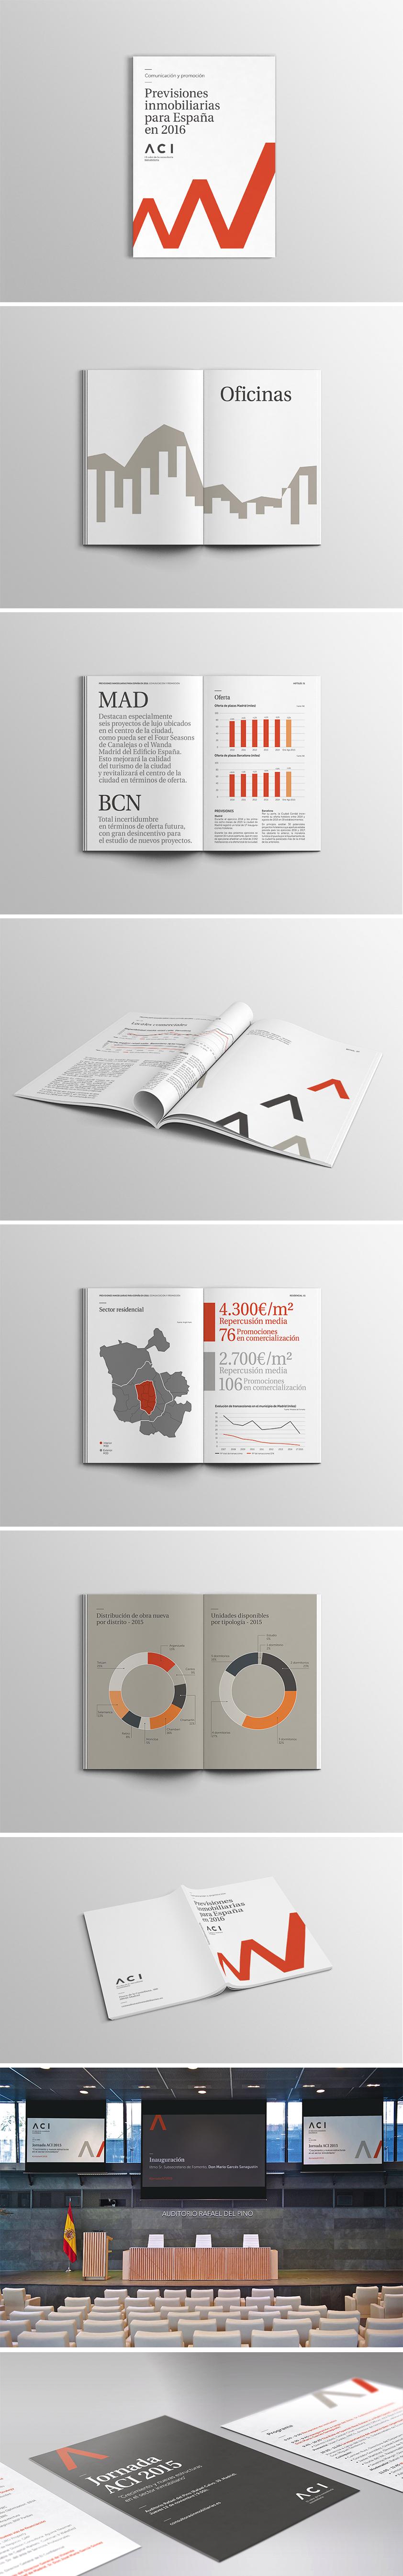 aci-libro-previsiones-2016